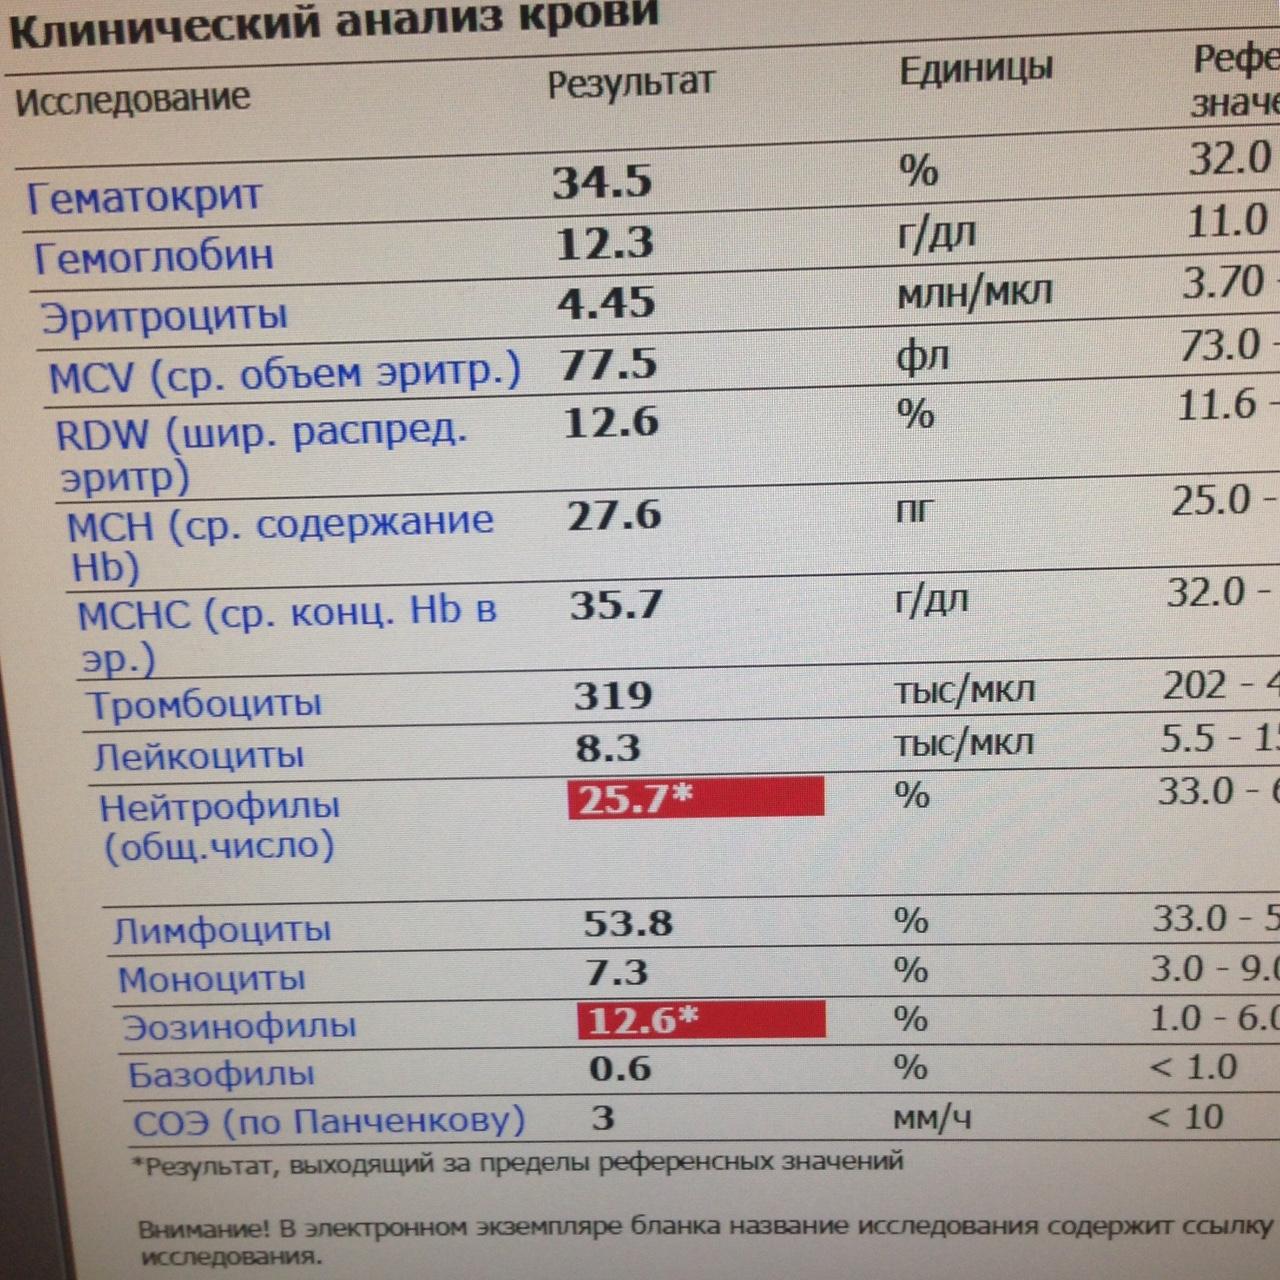 Rdw в анализе крови: что это, норма, если rdw повышен